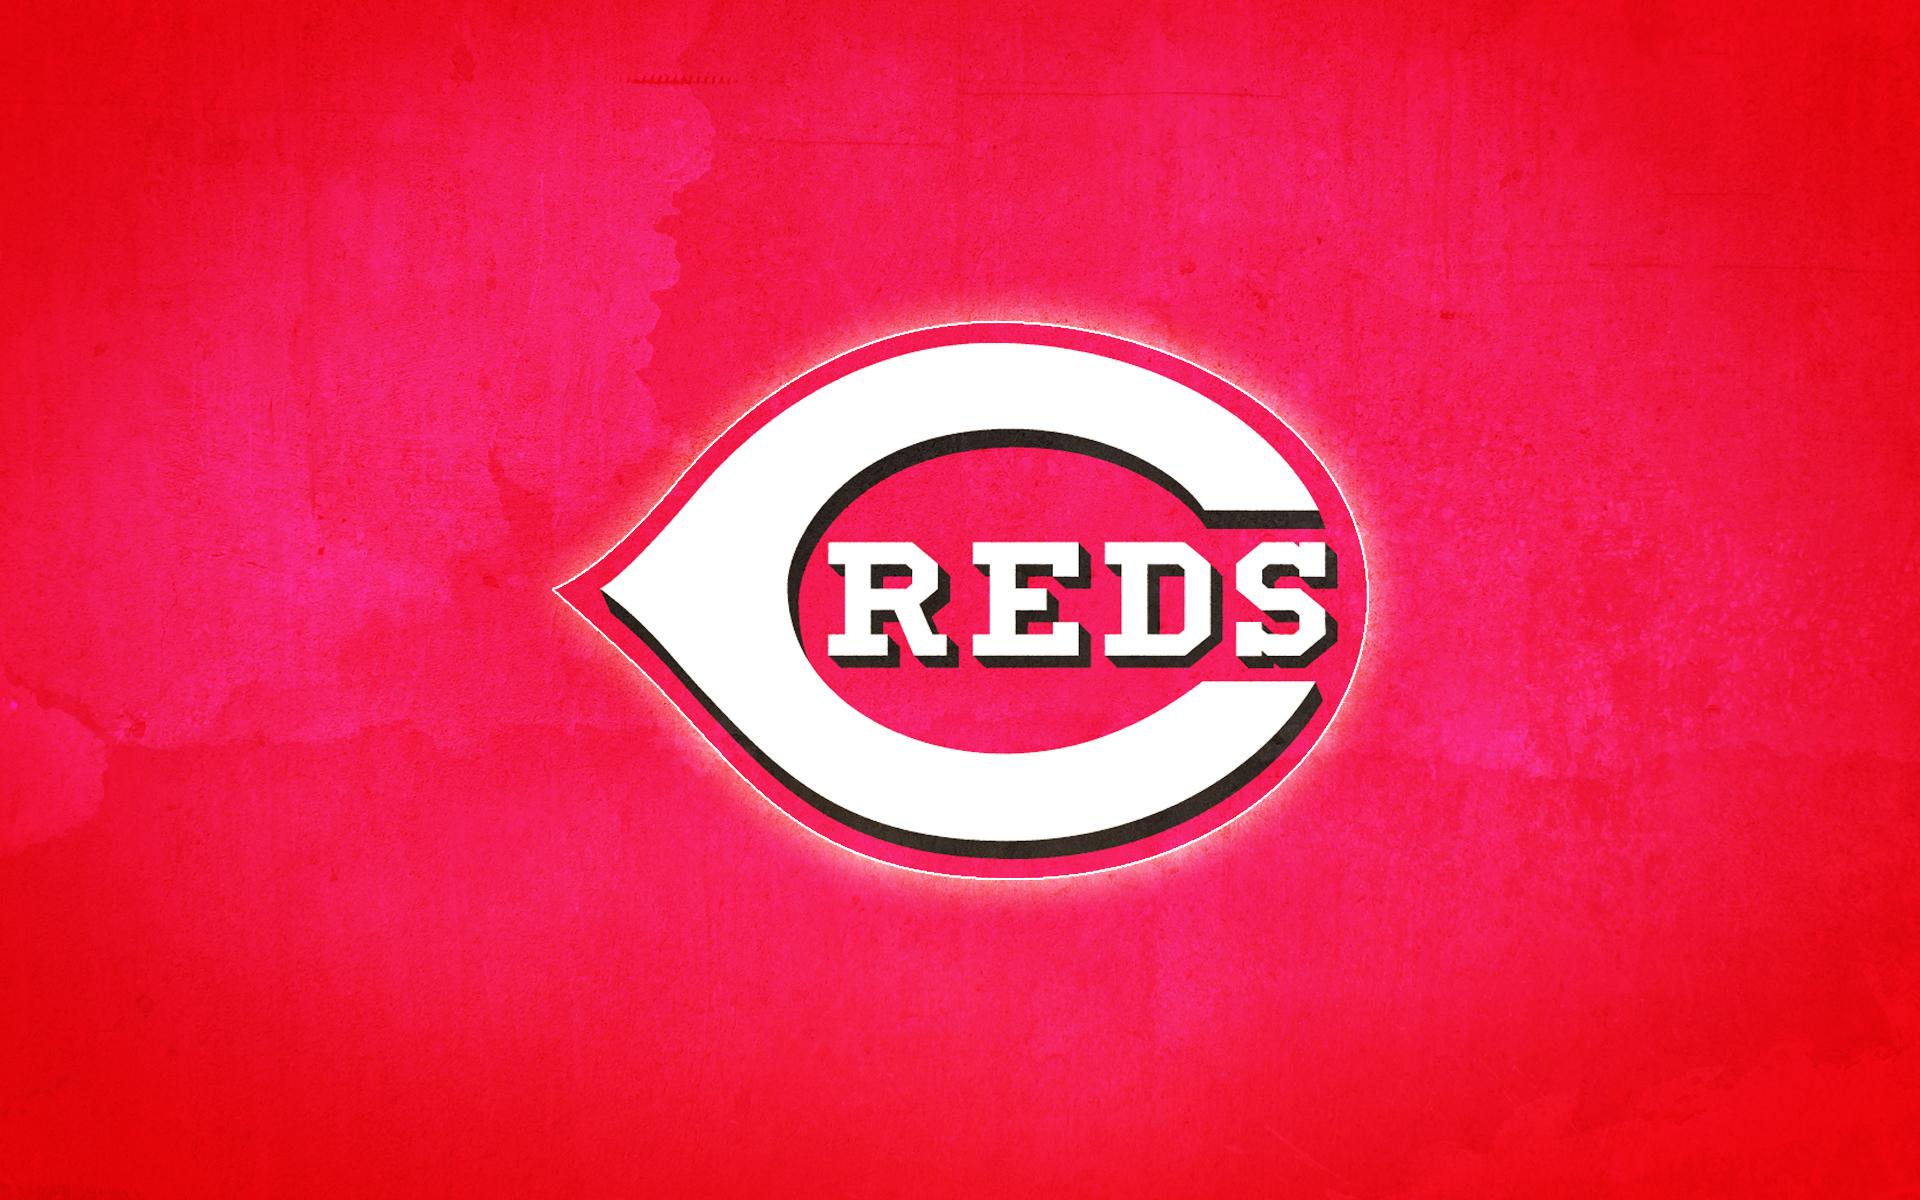 Reds Wallpaper 6807993 1920x1200